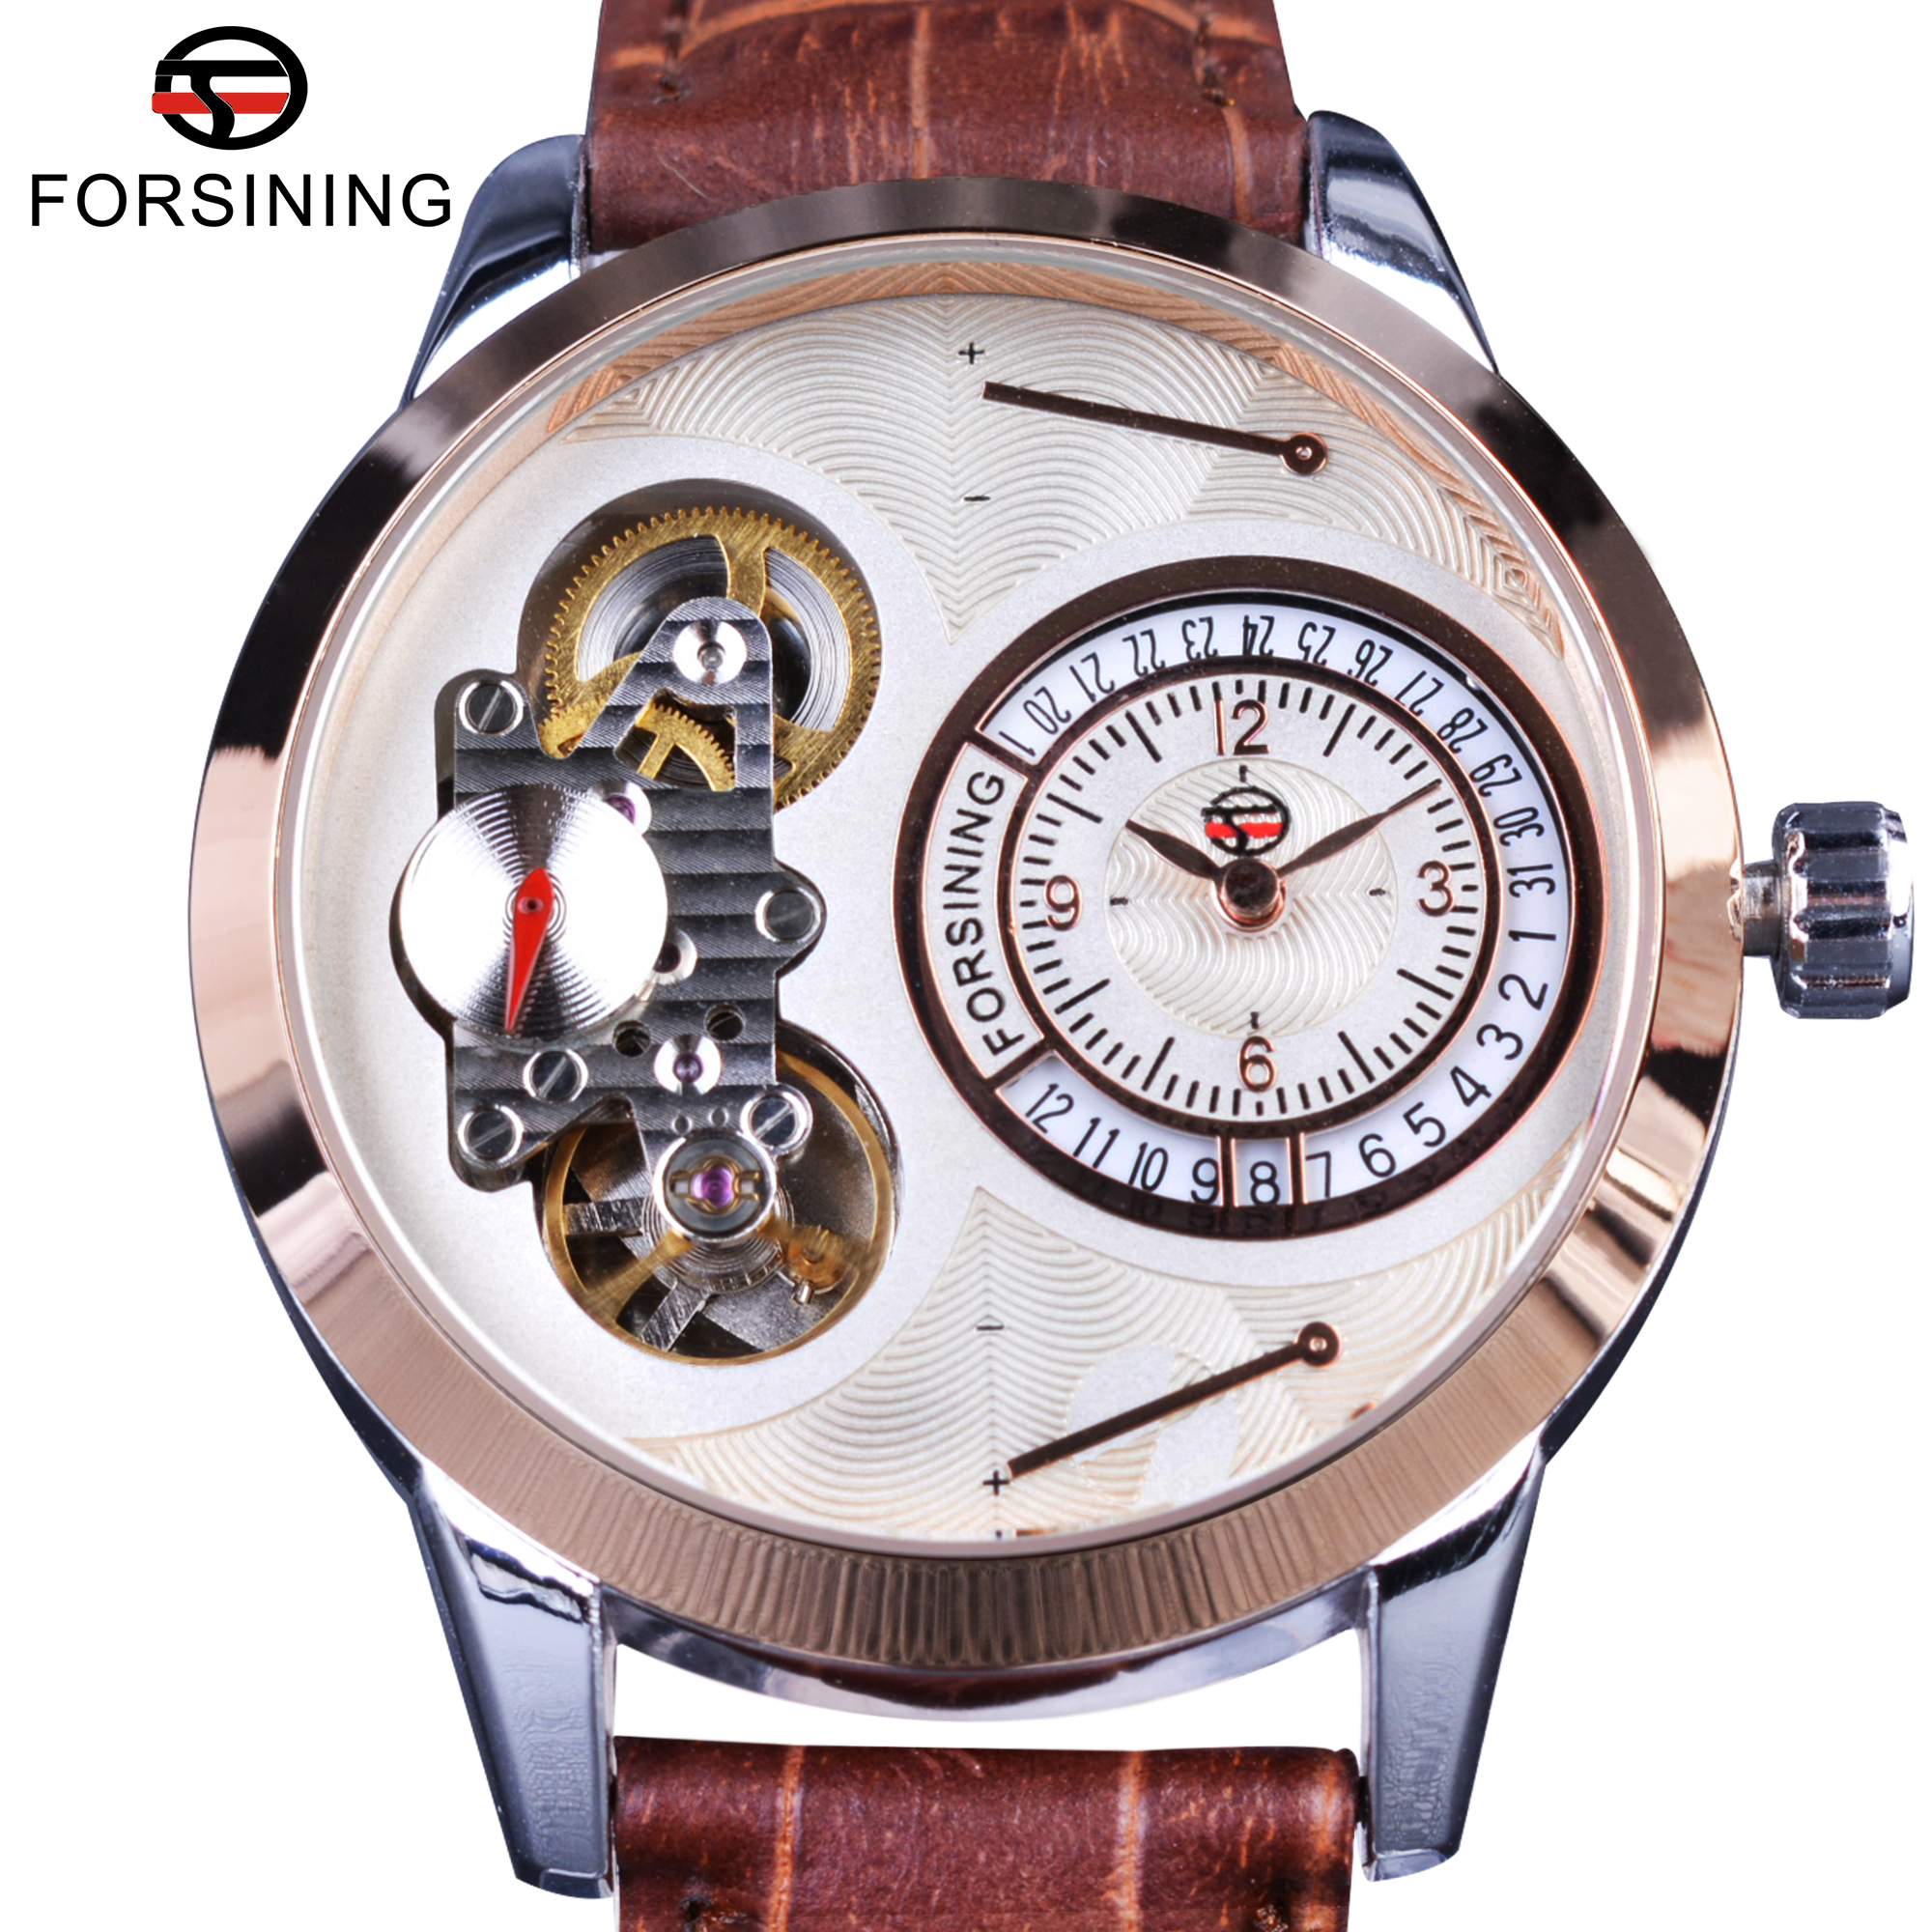 Forsining – montre automatique de luxe en cuir véritable pour homme, accessoire à la mode, avec deuxième cadran, tourbillon Rose, boîtier doré, marron, marque supérieure | AliExpress